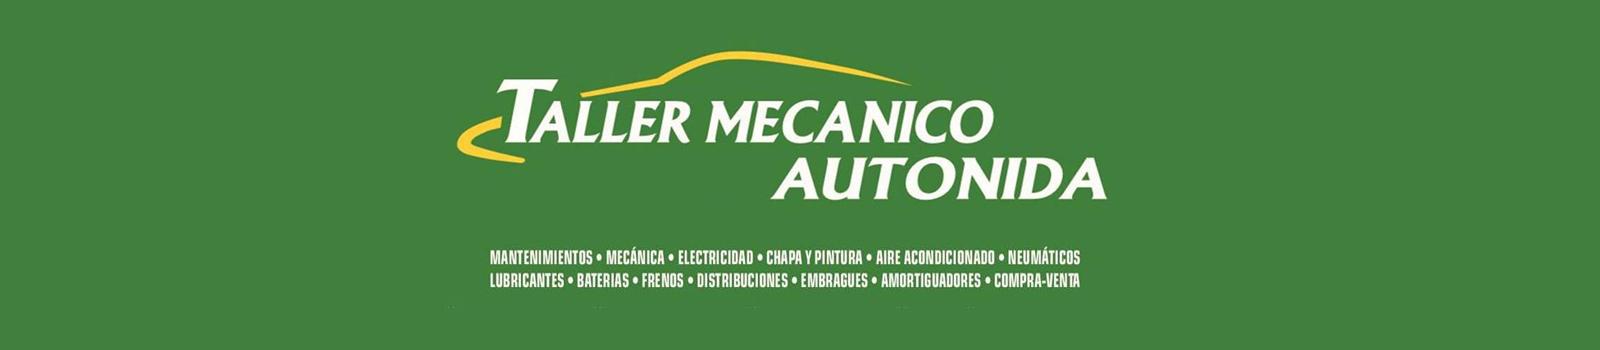 Taller Autonida,reparacion de coches,cambios de aceite,aire acondicionado,poner filtros originales